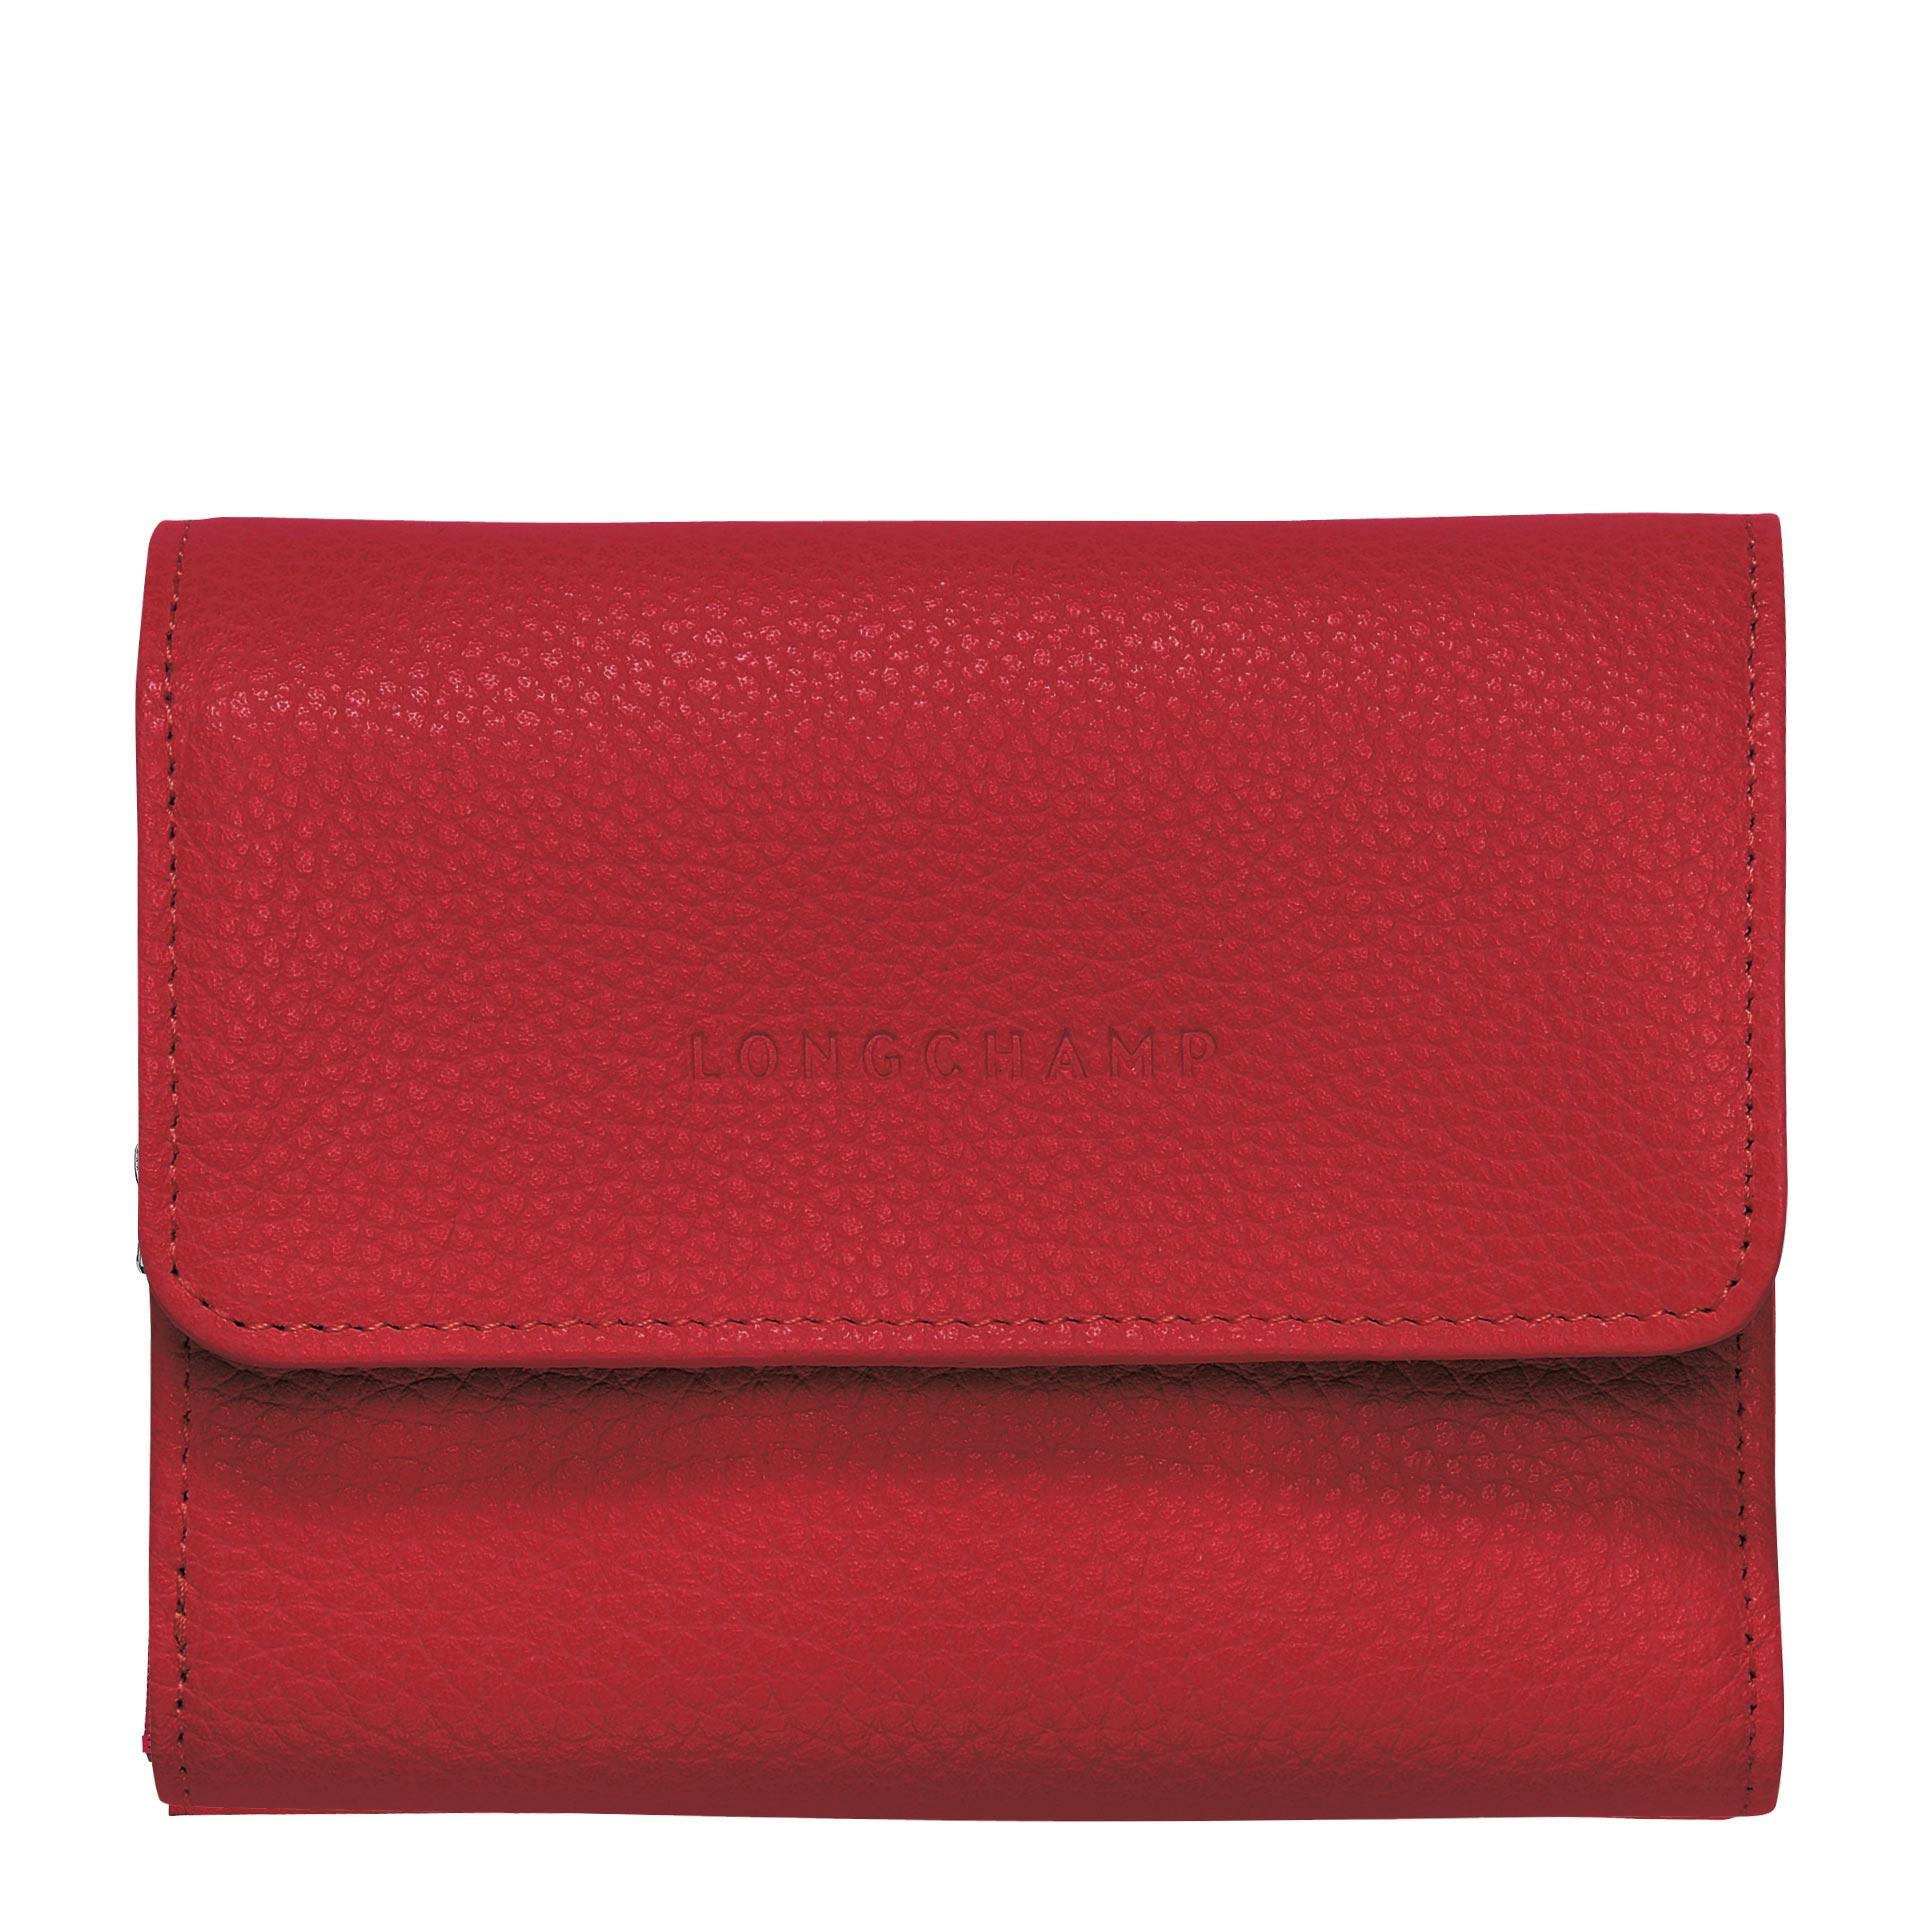 Longchamp Le Foulonné Brieftasche im Kompaktforamt